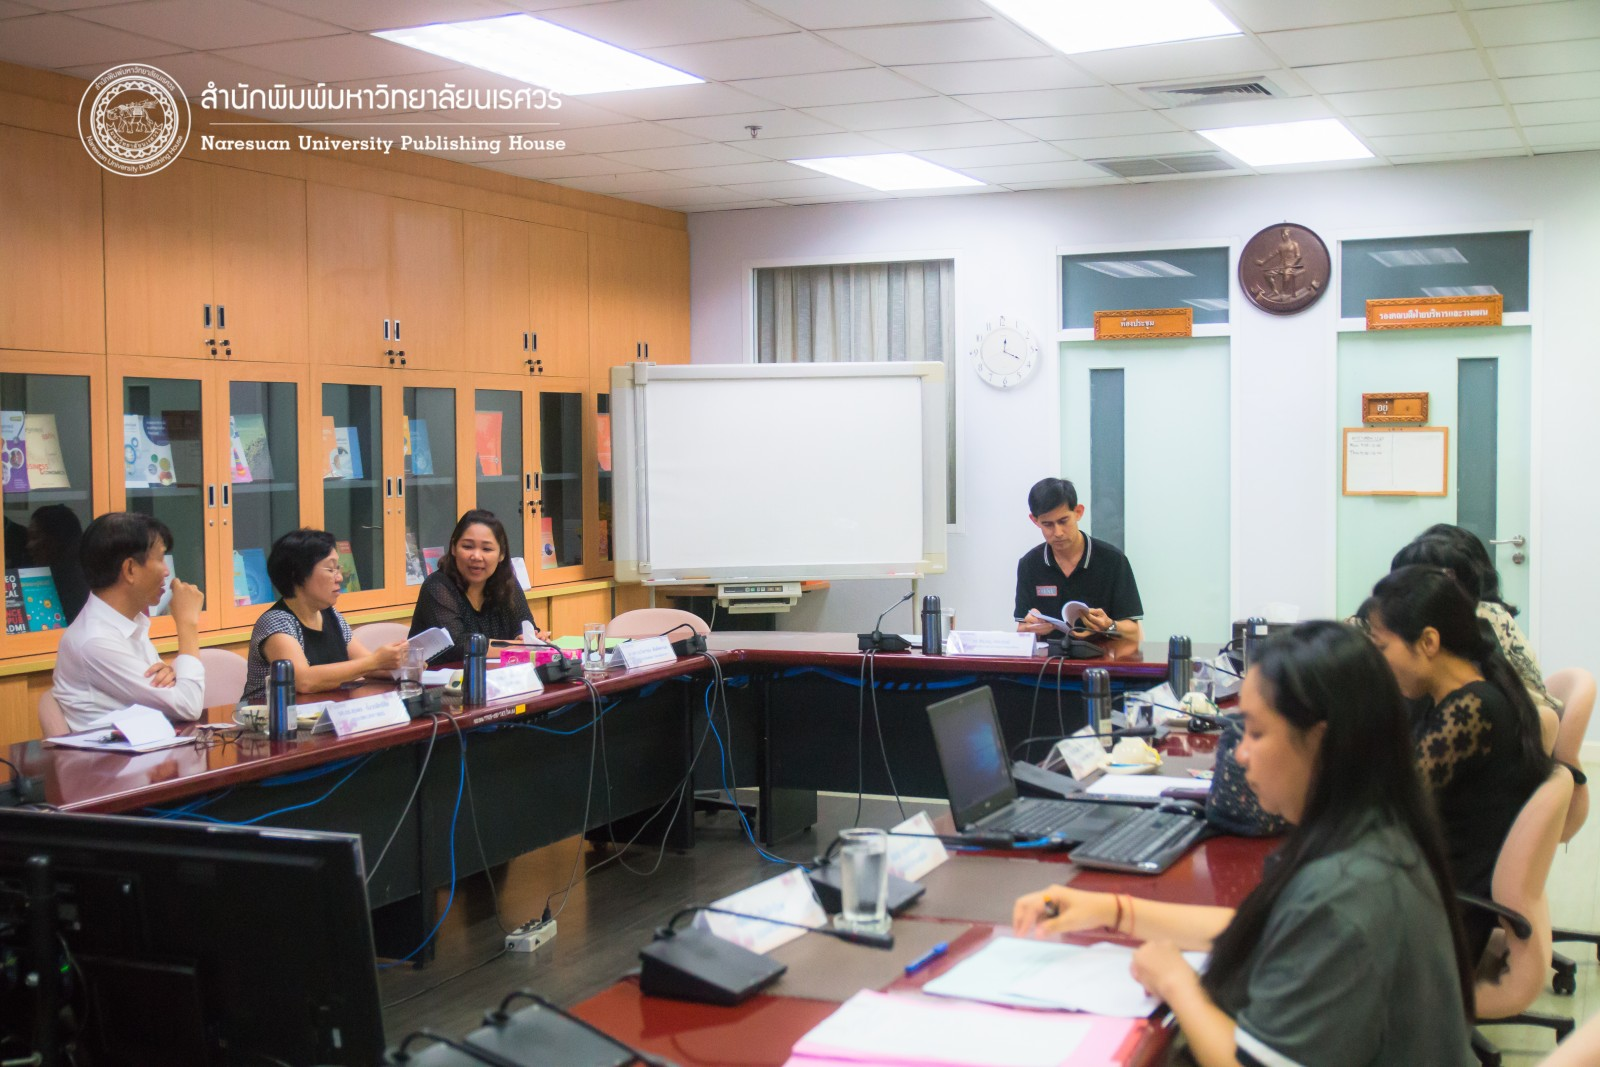 ประชุมอนุกรรมการ กองบรรณาธิการ กลุ่มวิทยาศาสตร์สุขภาพ